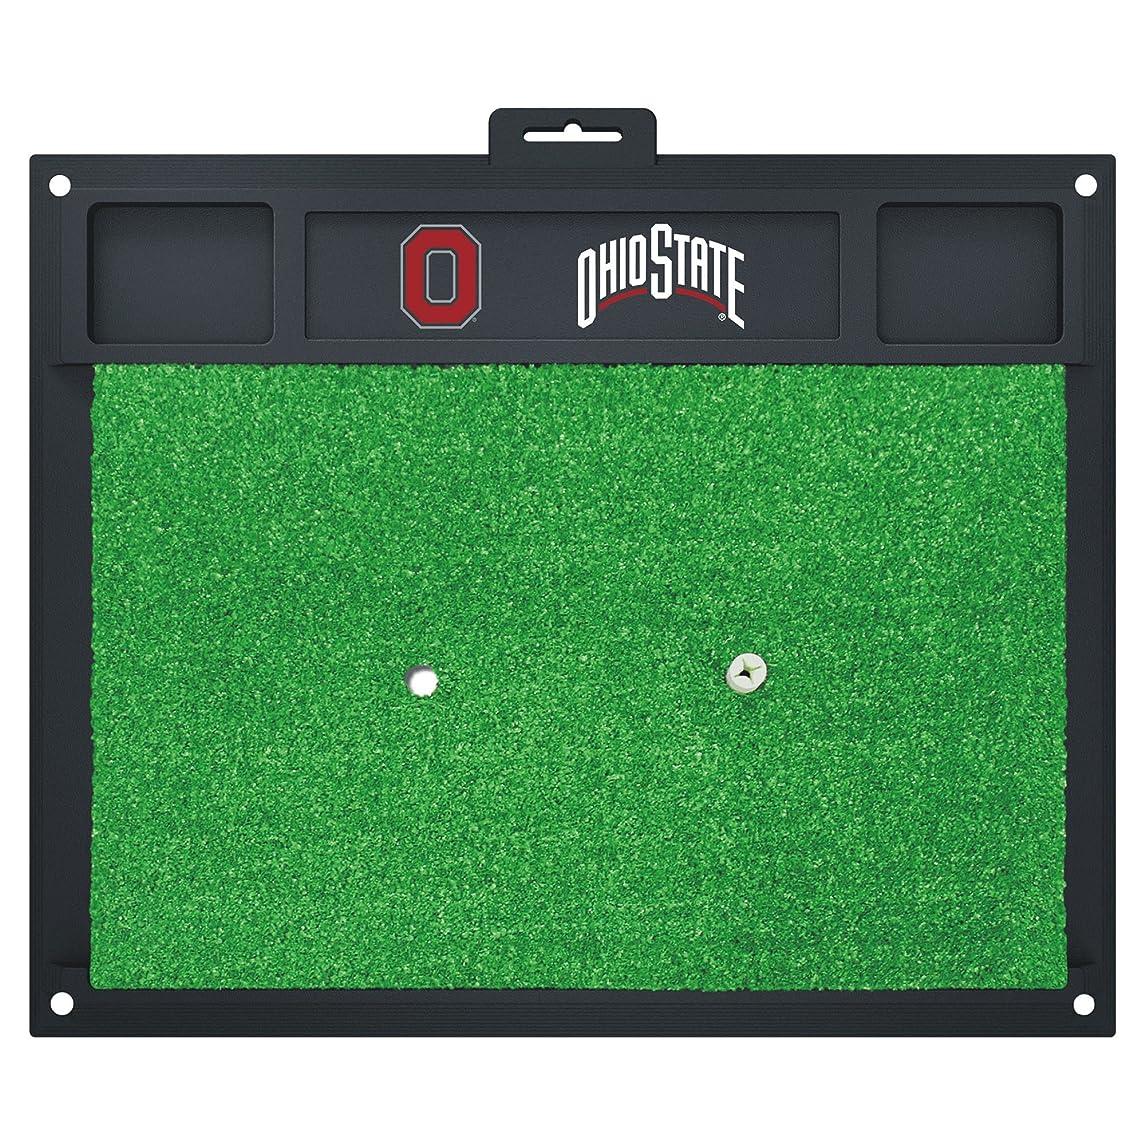 Fanmats 15495 Ohio State University Golf Hitting Mat